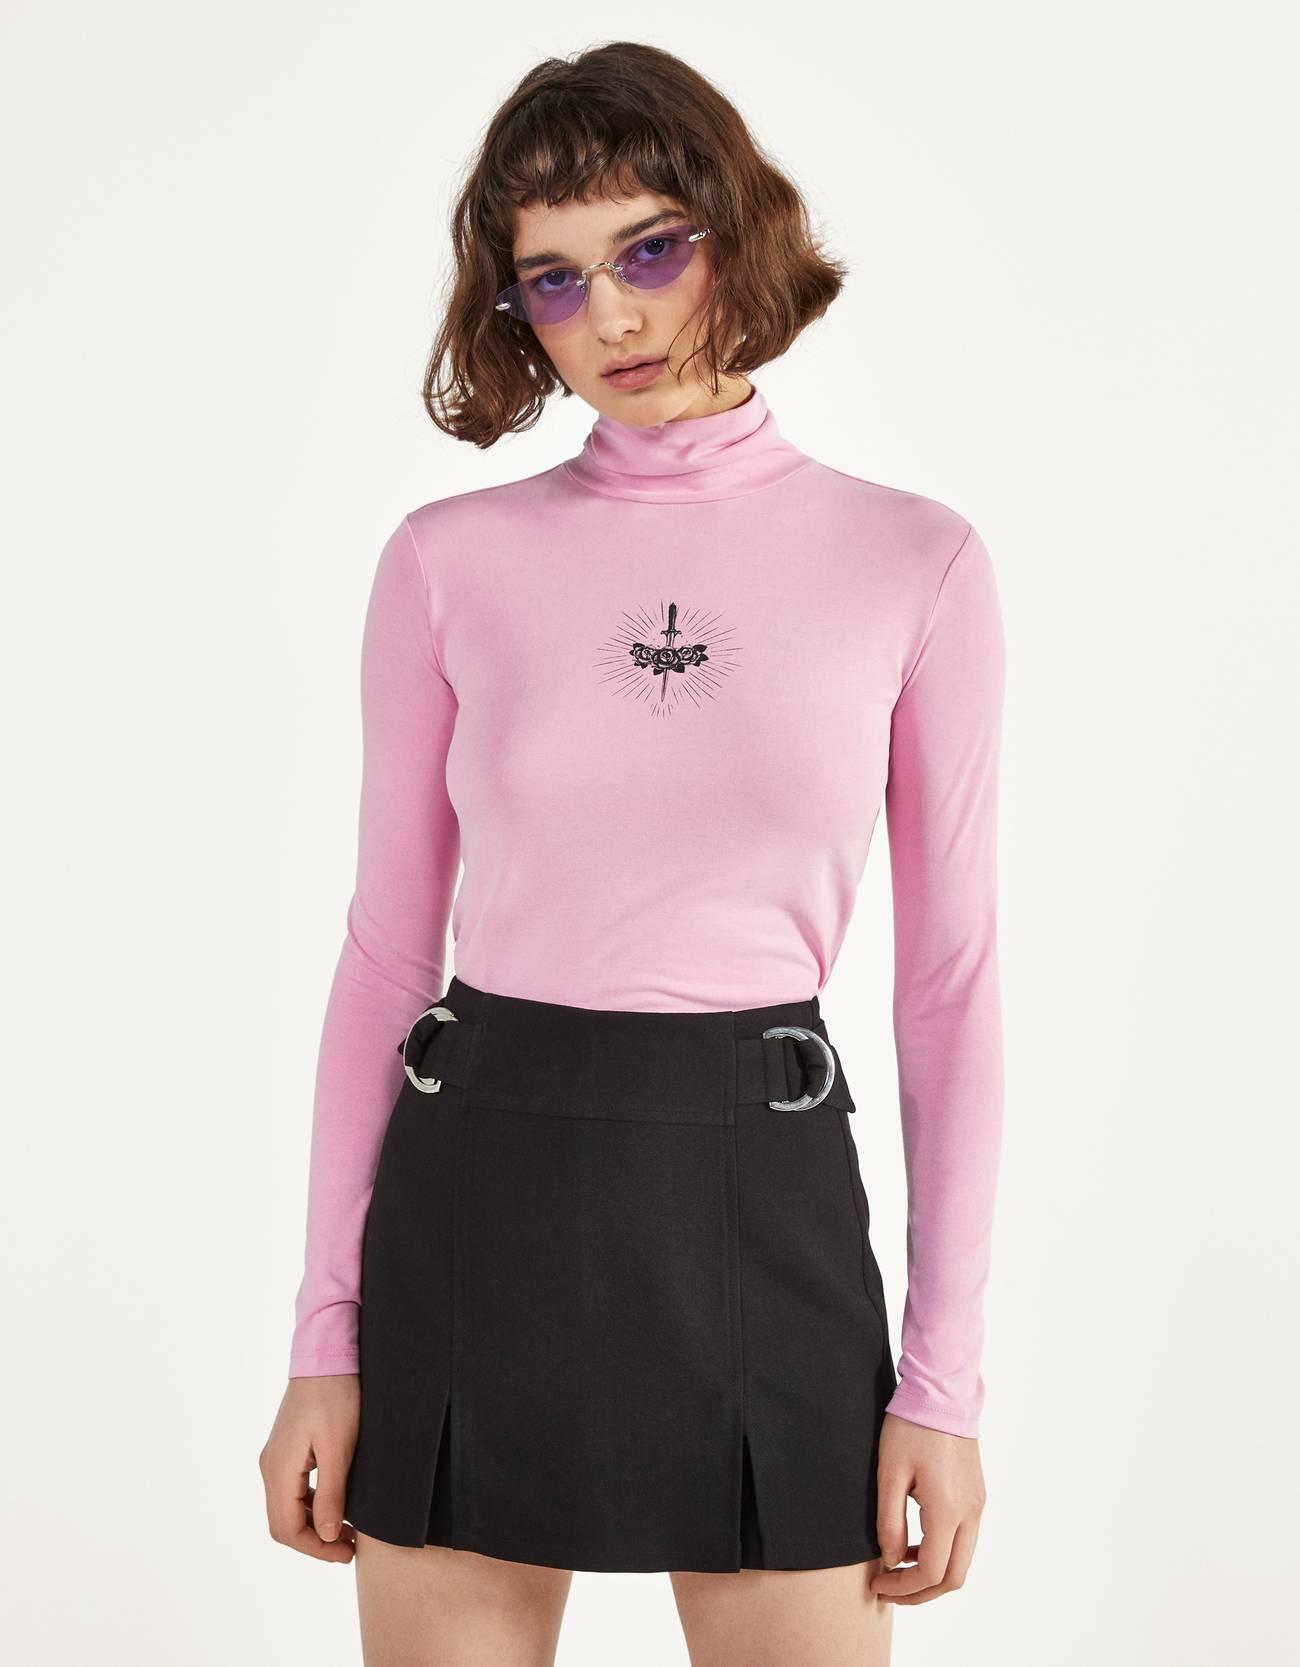 Bershka Camiseta con cuello alto y estampado Mujer L Rosa